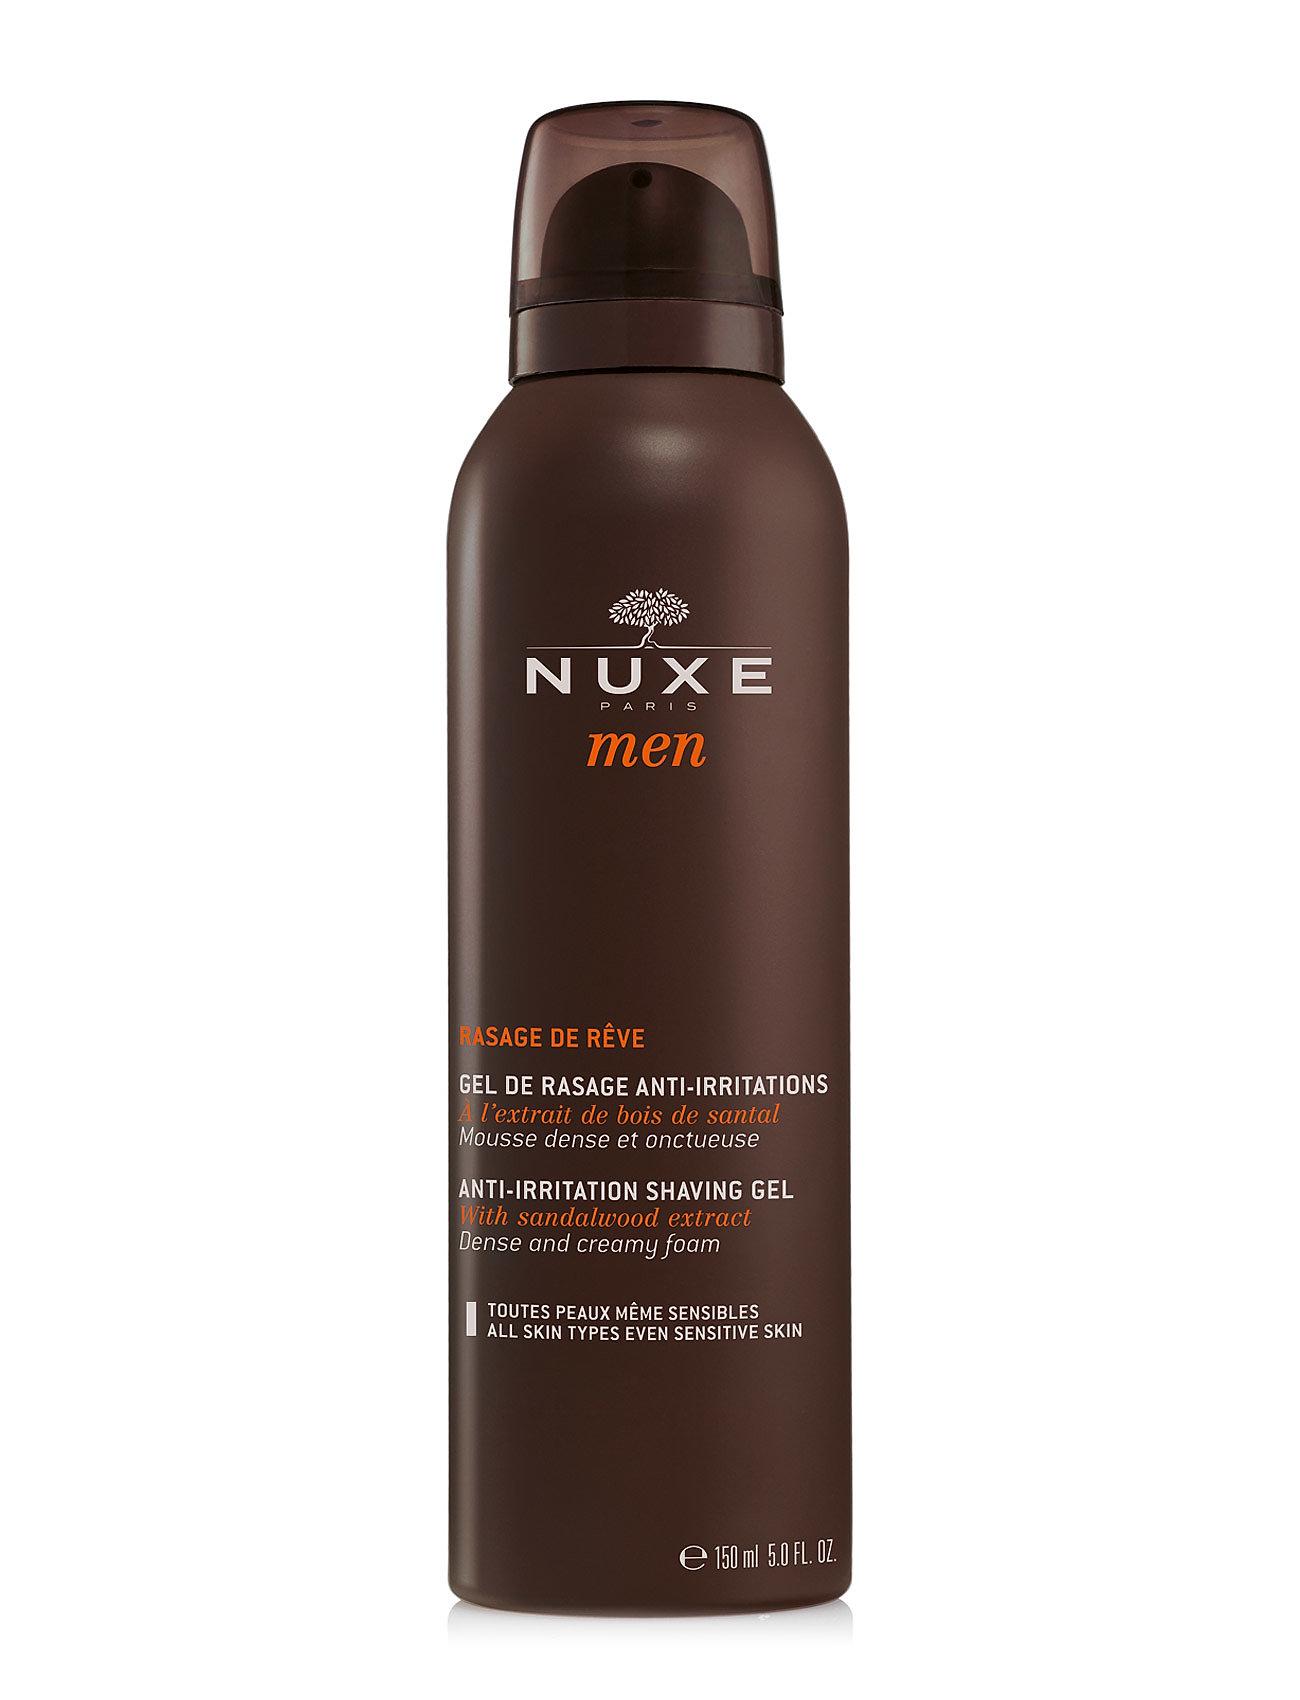 nuxe Nuxe men shaving gel på boozt.com dk